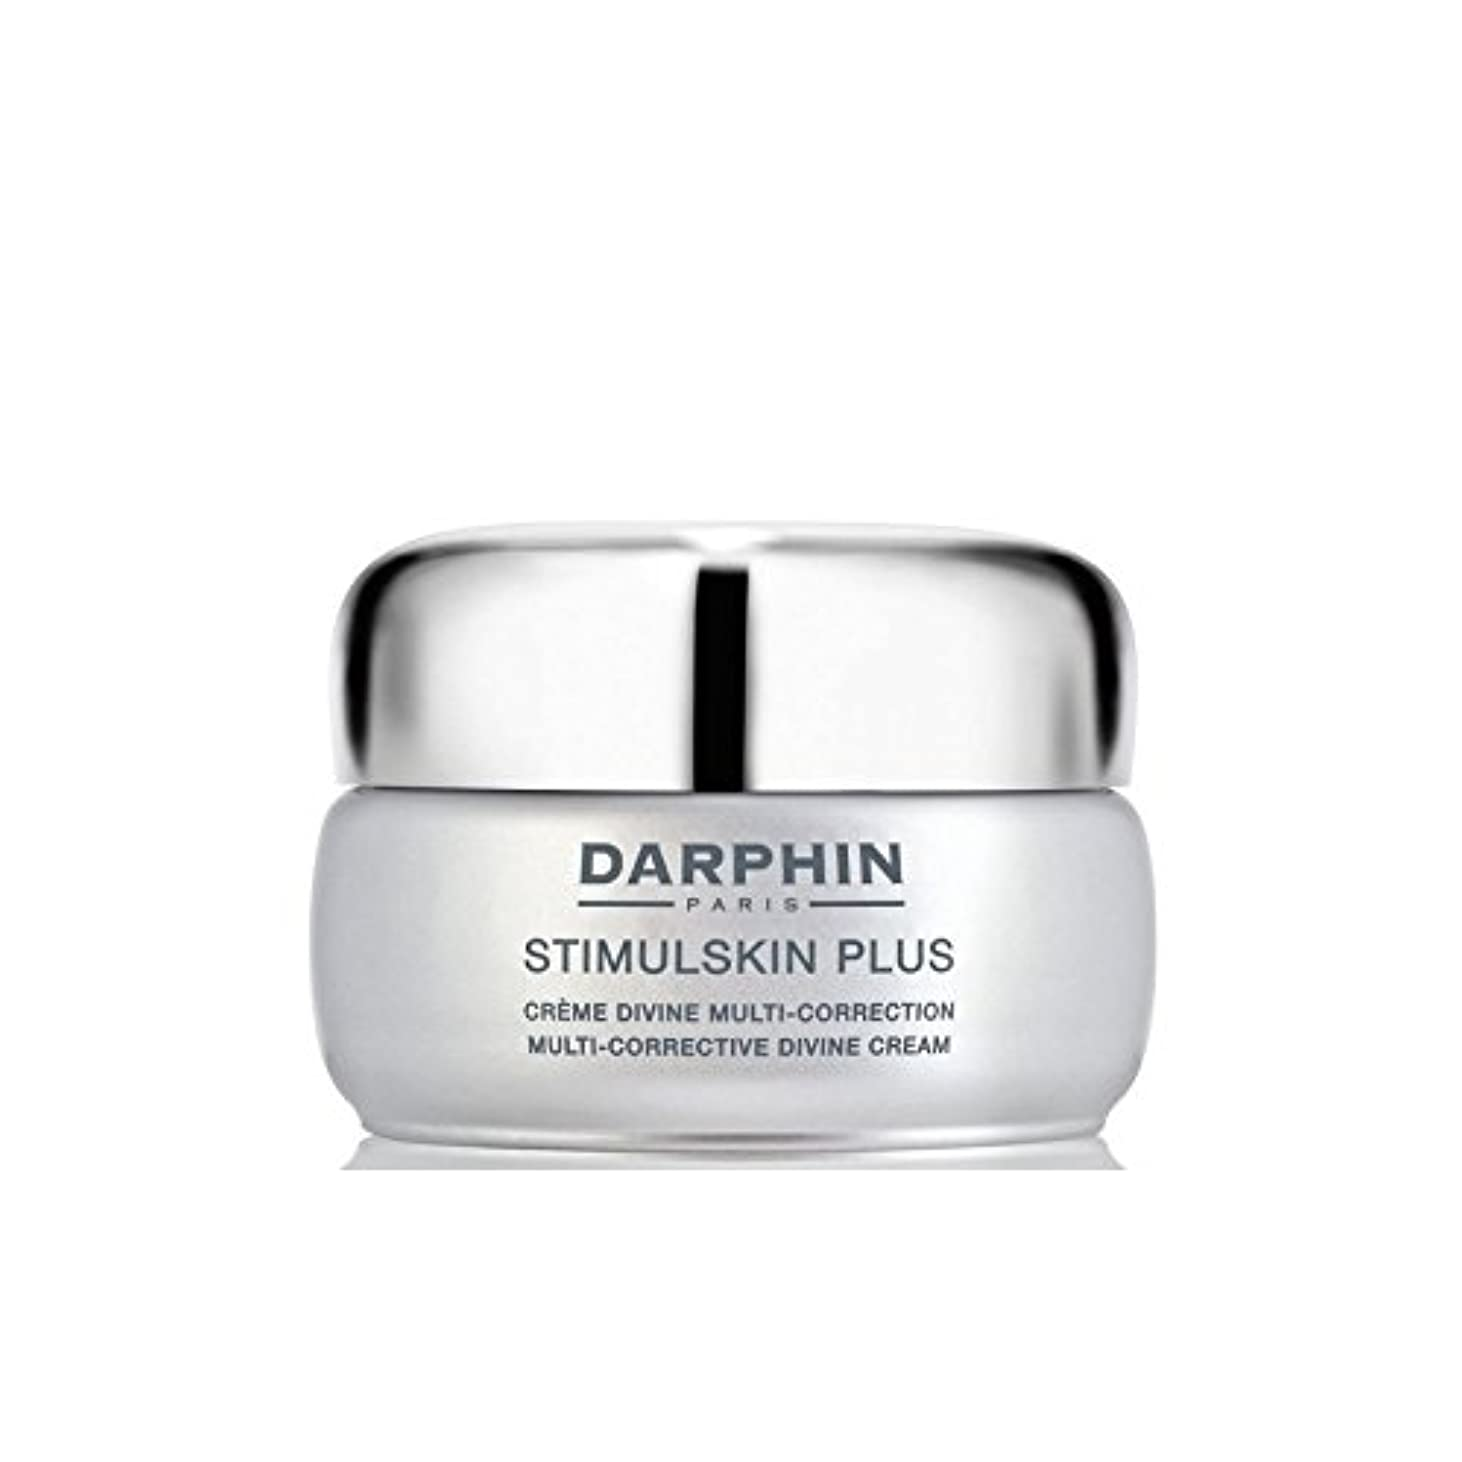 ダルファンスティプラスマルチ是正神のクリーム x4 - Darphin Stimulskin Plus Multi-Corrective Divine Cream (Pack of 4) [並行輸入品]